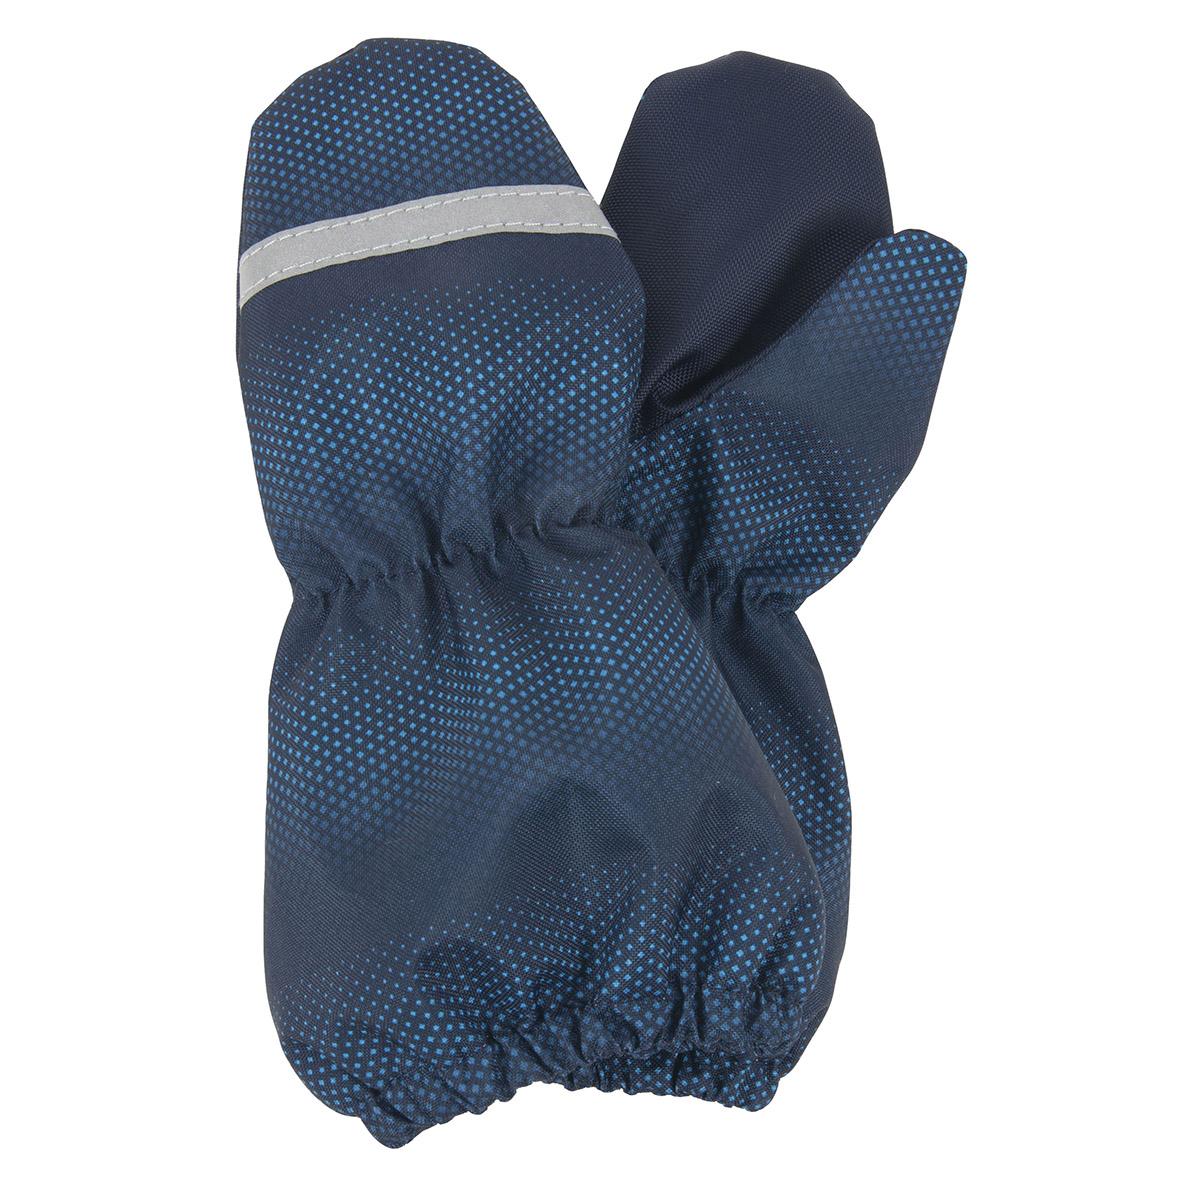 Рукавицы RAIN Kerry, Размер 8, Цвет 2999-полоски синий K20173-2999_8